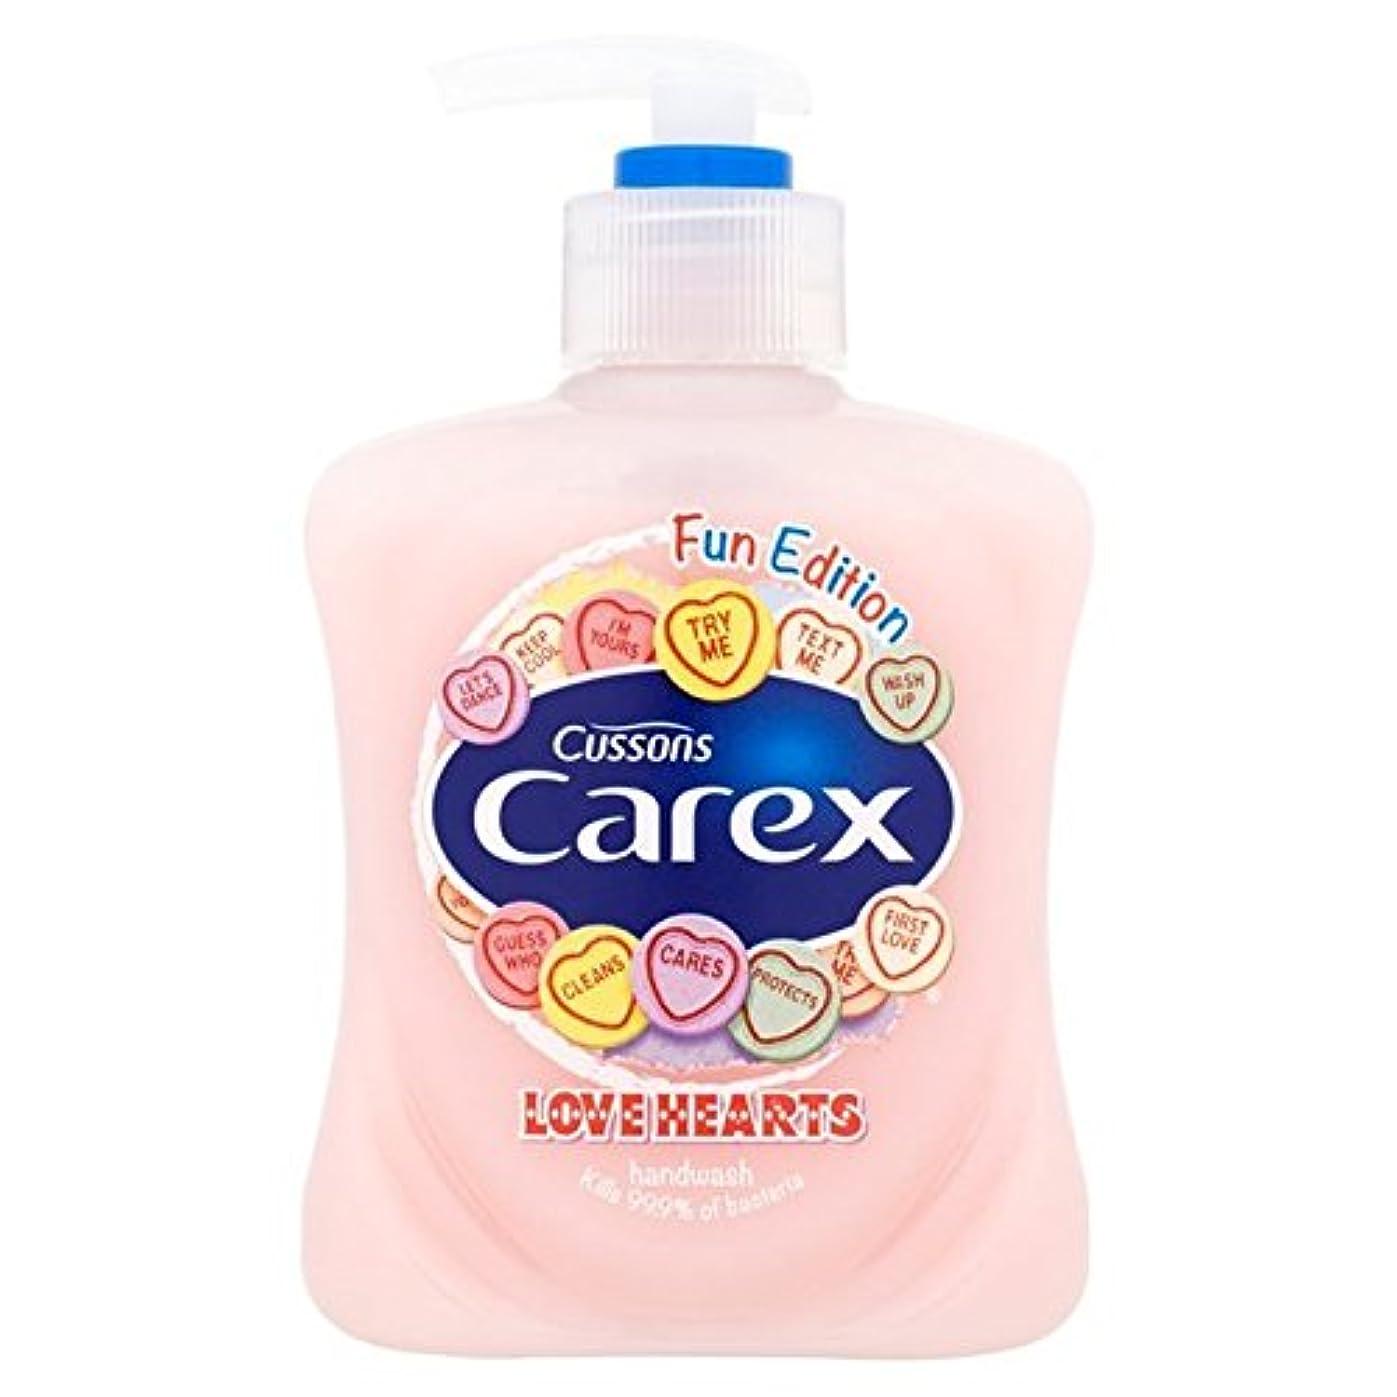 結紮アイロニー描写スゲ楽しい版愛の心のハンドウォッシュ250ミリリットル x4 - Carex Fun Edition Love Hearts Hand Wash 250ml (Pack of 4) [並行輸入品]